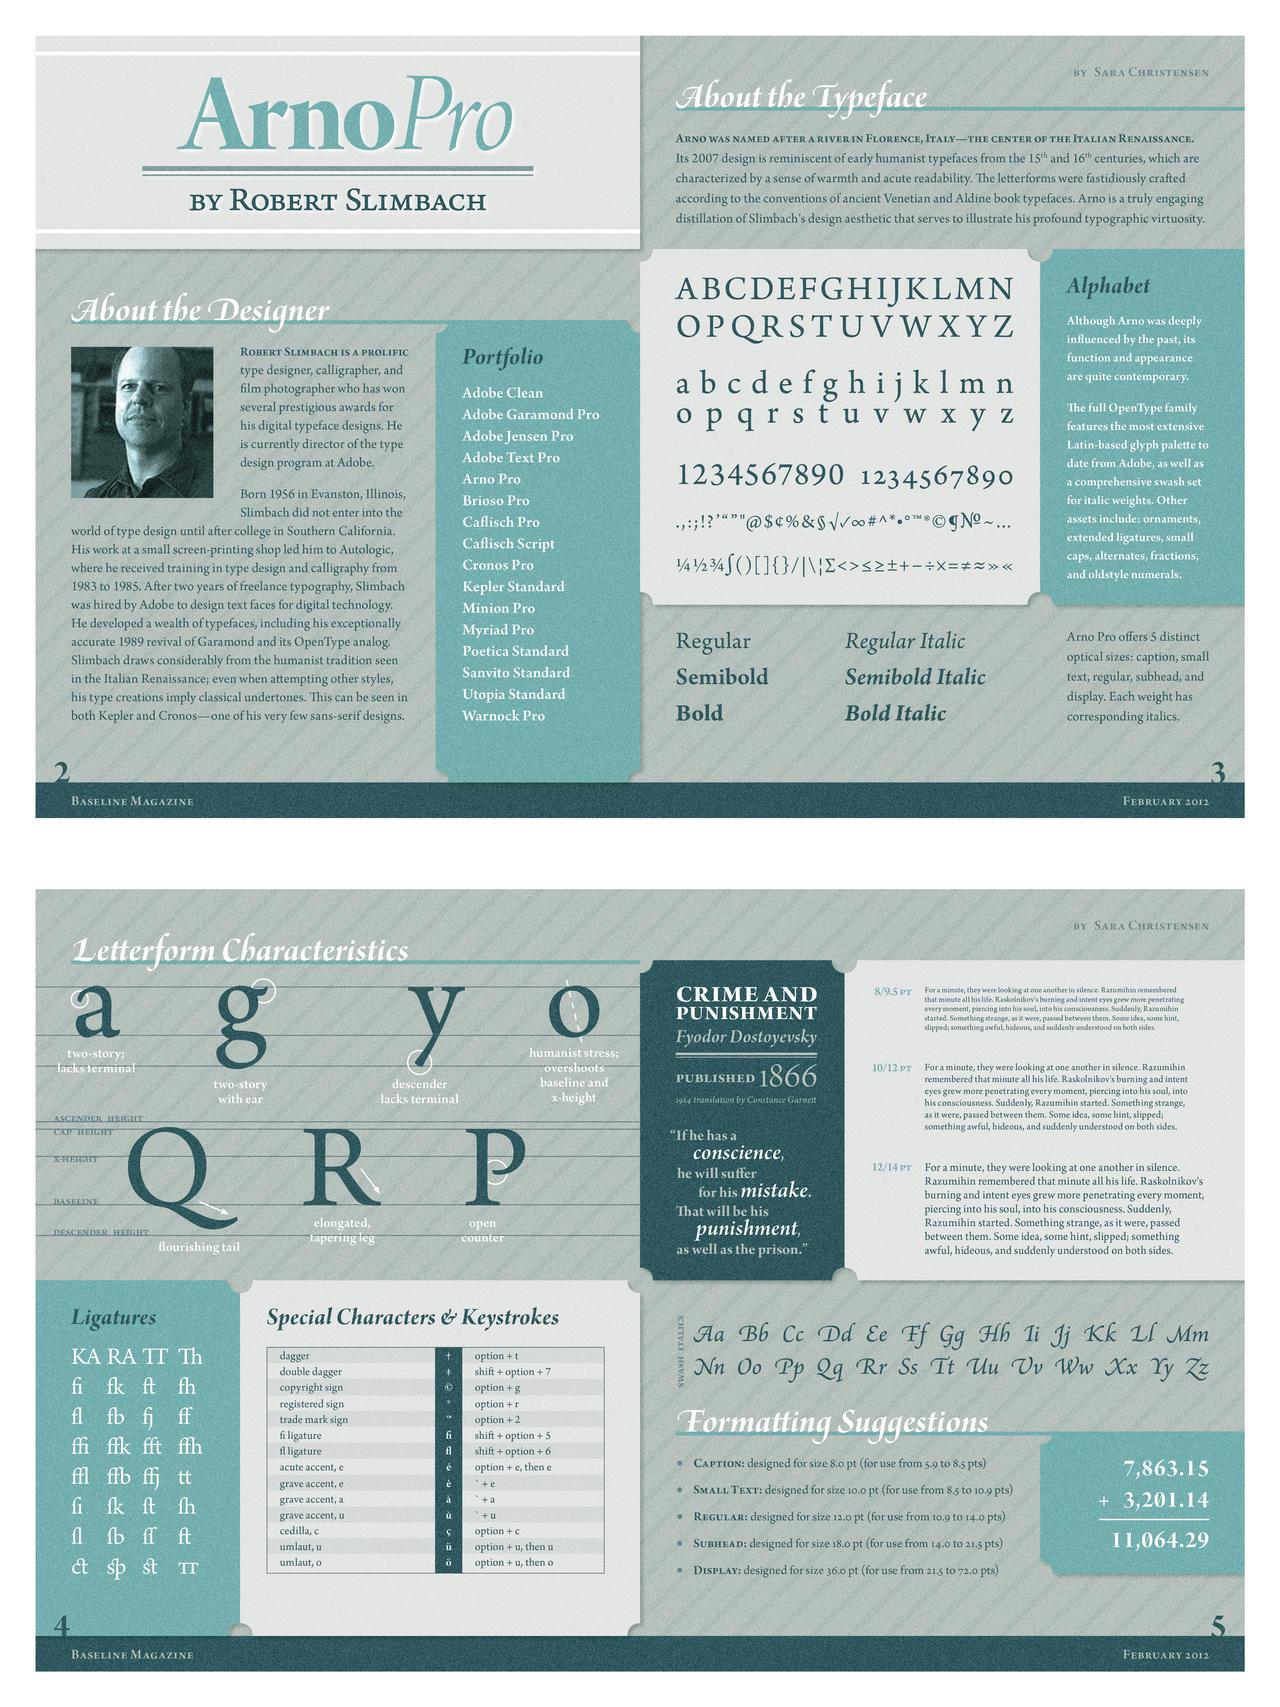 Arno Typeface Spreads by SaraChristensen